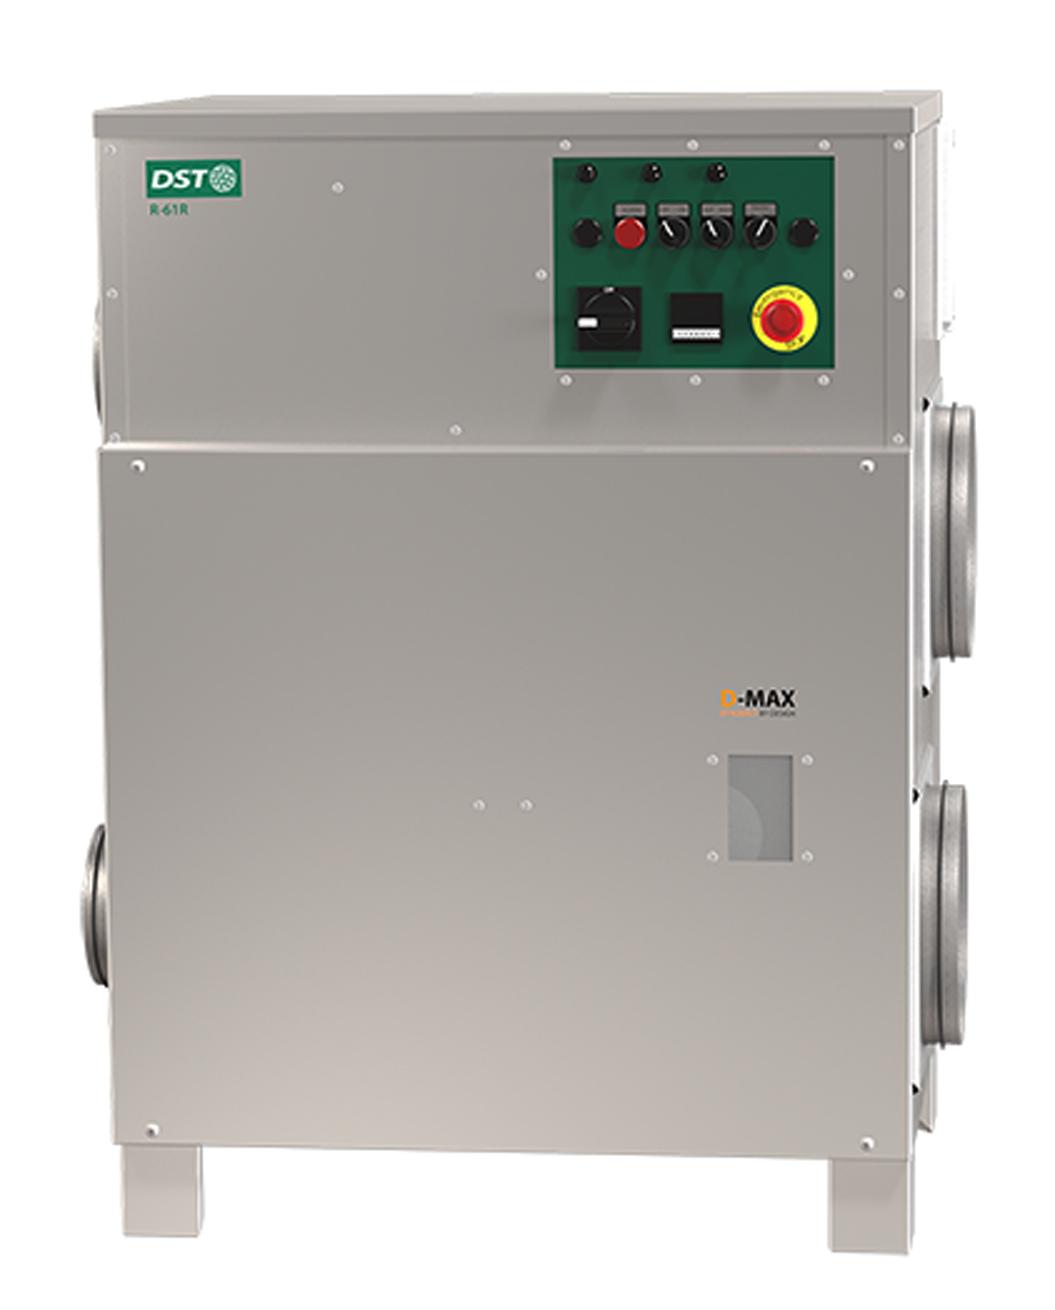 <p>RECUSORB R-51/61R</p> - Industrial and comercial refrigeración equipment